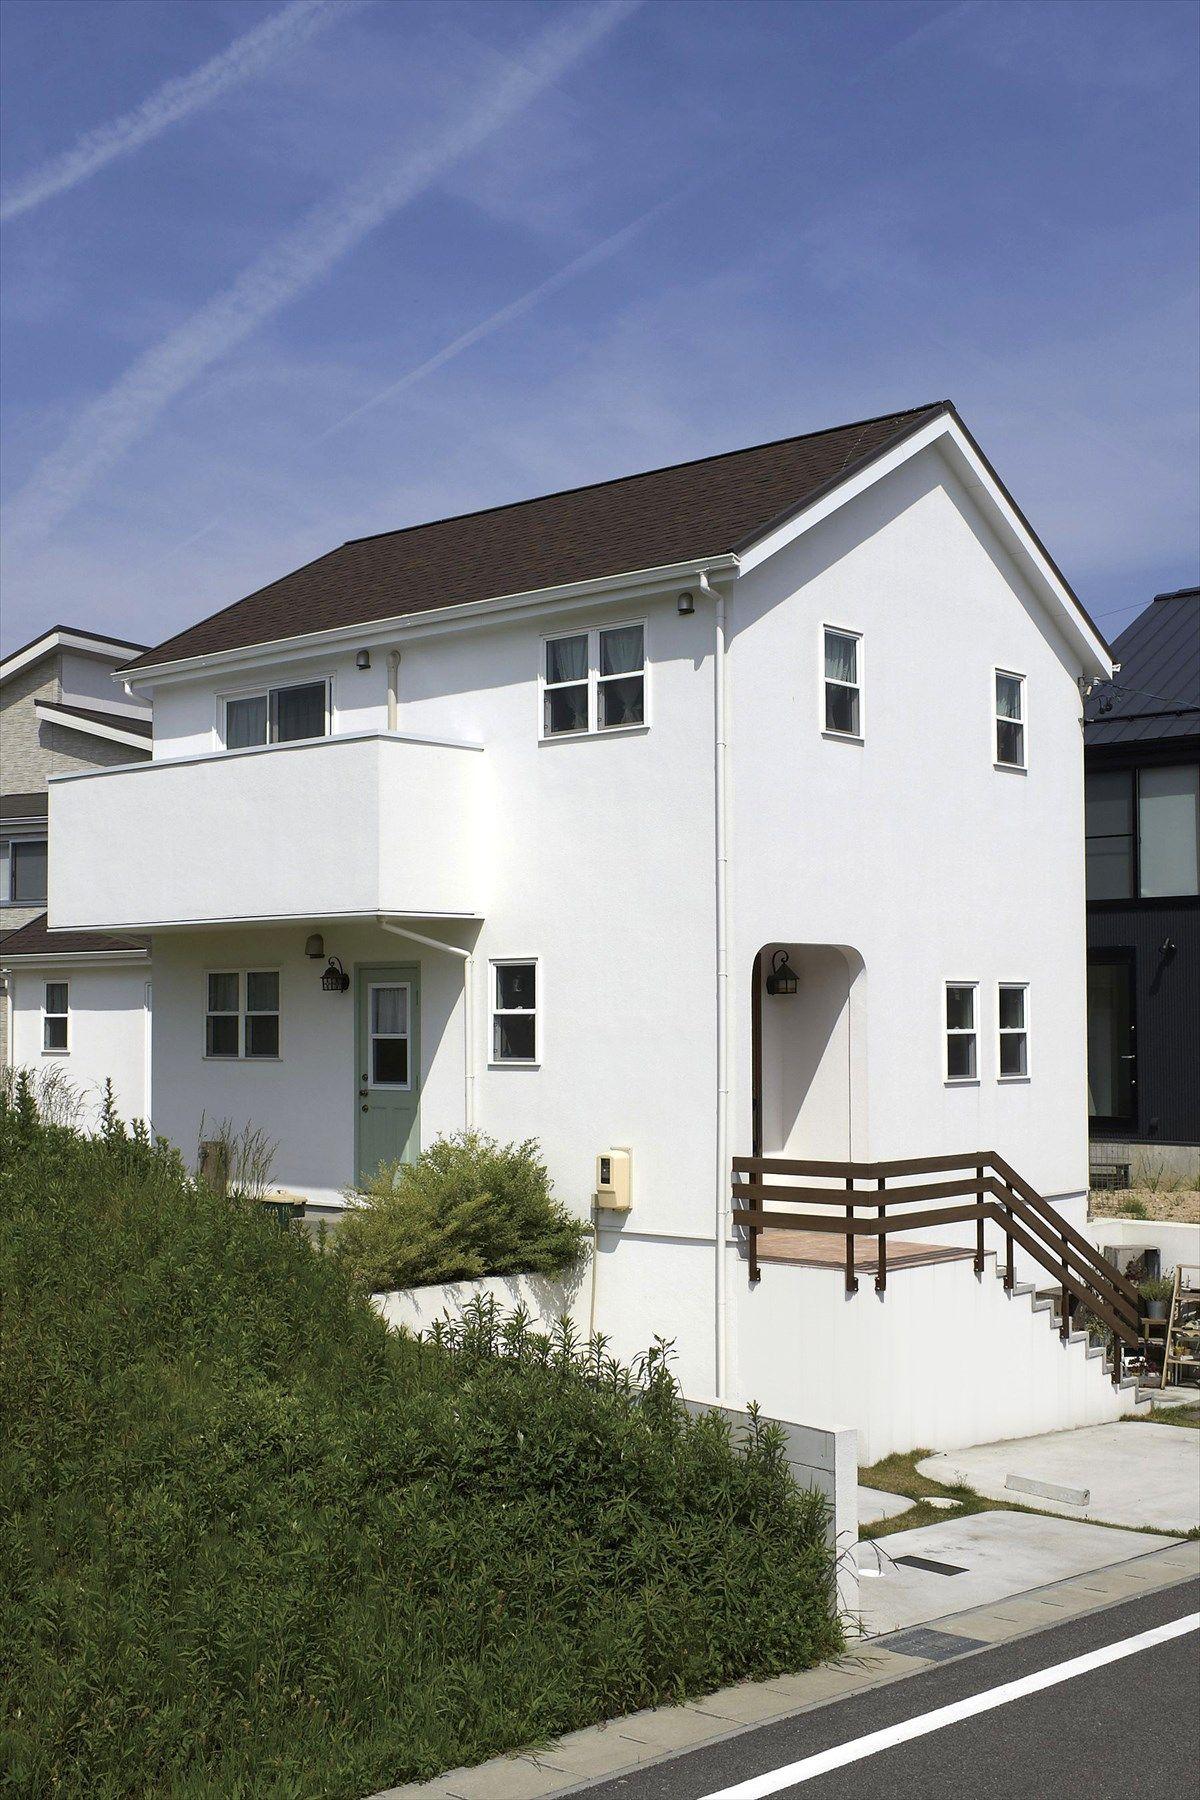 家 外観 エクステリア 切妻屋根 白い家 塗り壁 ウッドフェンス